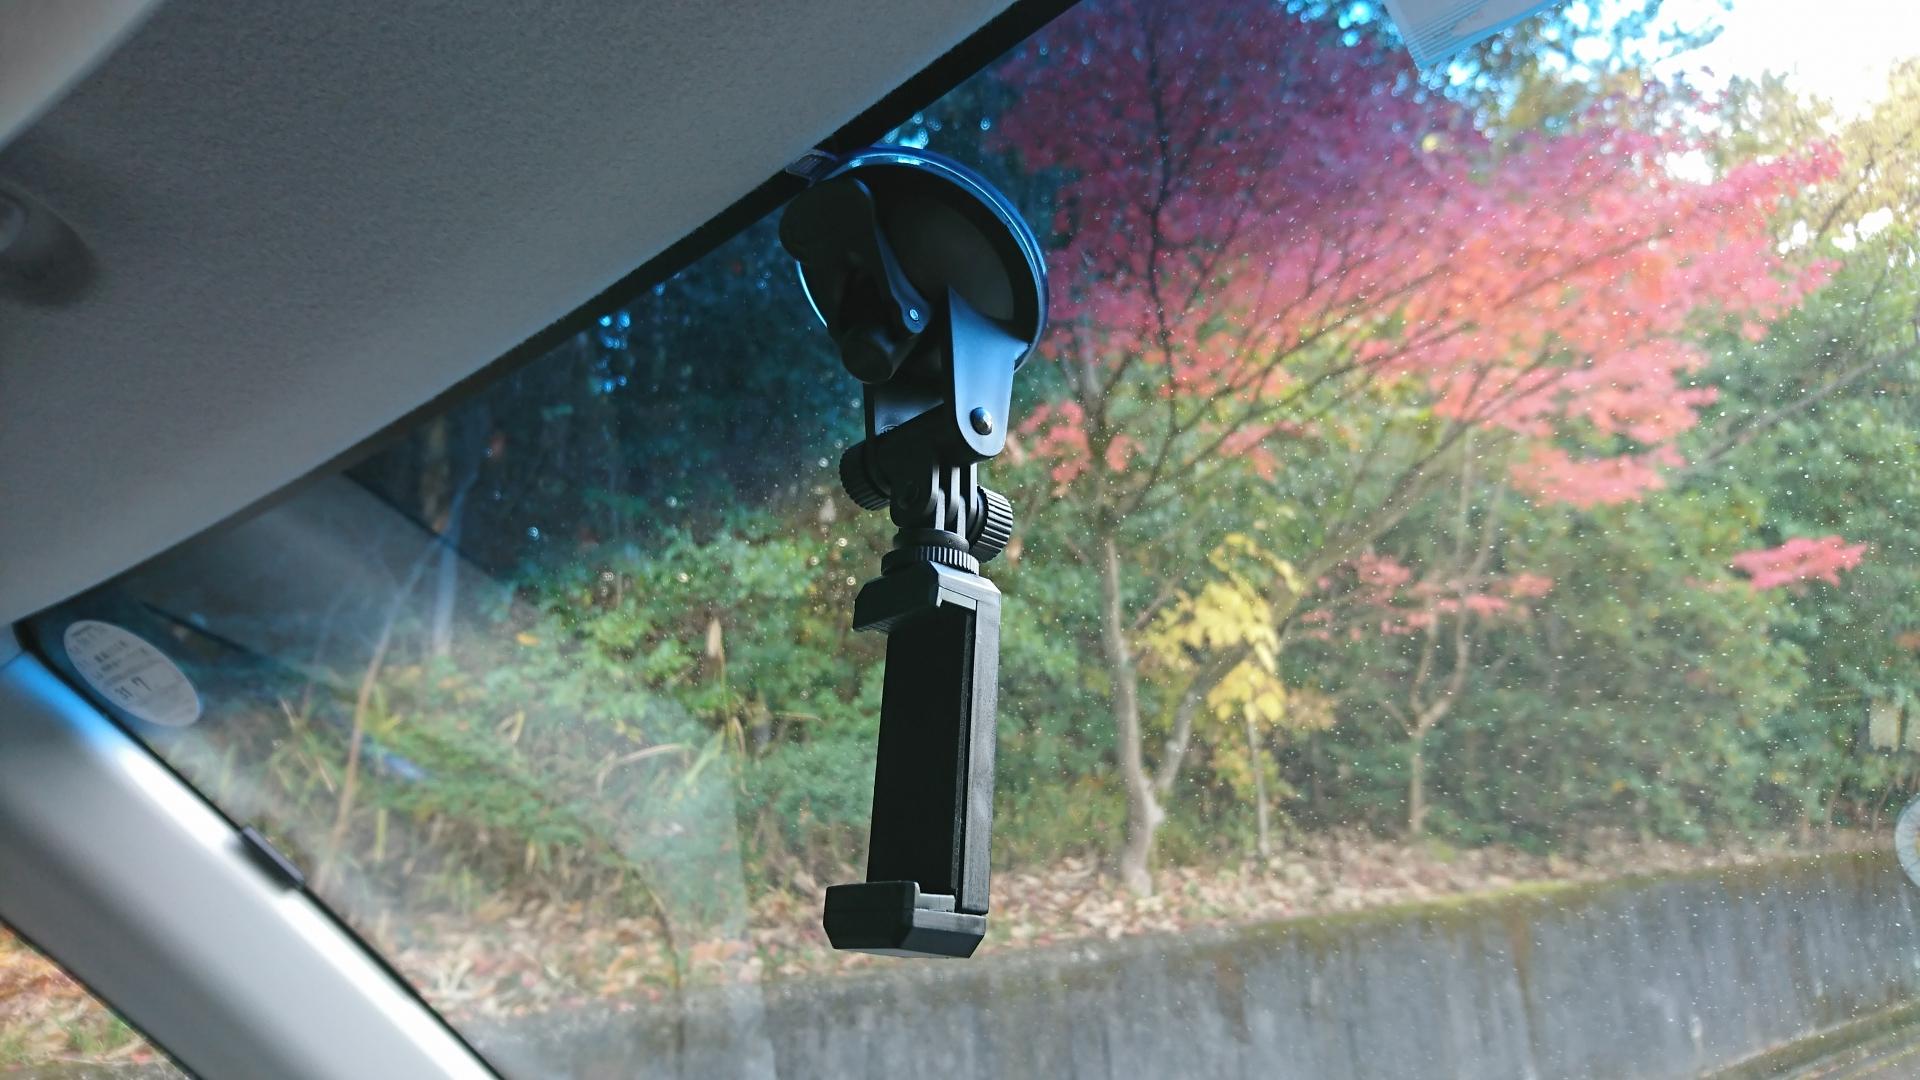 ドライブレコーダー DailyRoads Voyager スマホ設置